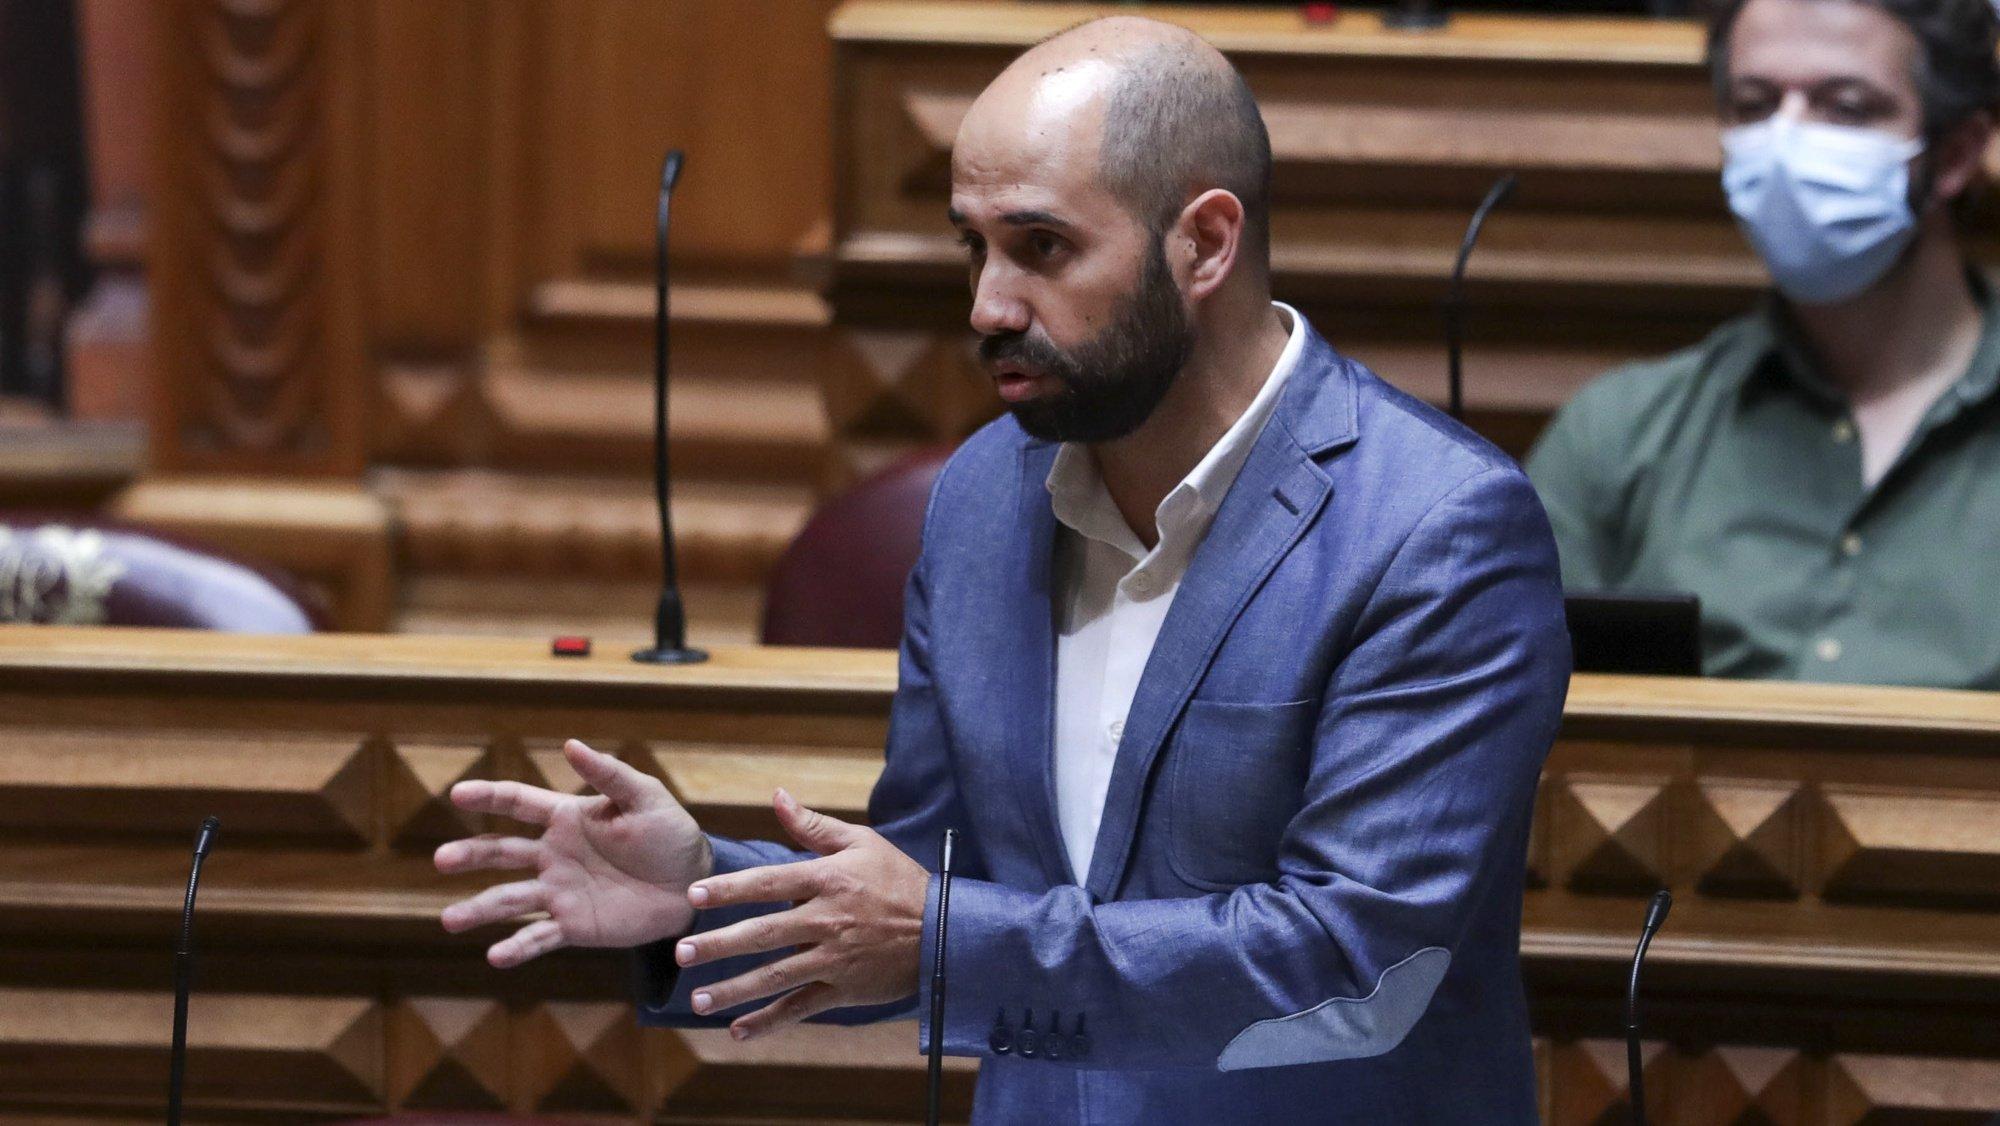 O deputado do Bloco de Esquerda (BE), Pedro Filipe Soares, intervém na sessão plenária do debate preparatório do Conselho Europeu, na Assembleia da República, em Lisboa, 20 de outubro de 2021. TIAGO PETINGA/LUSA